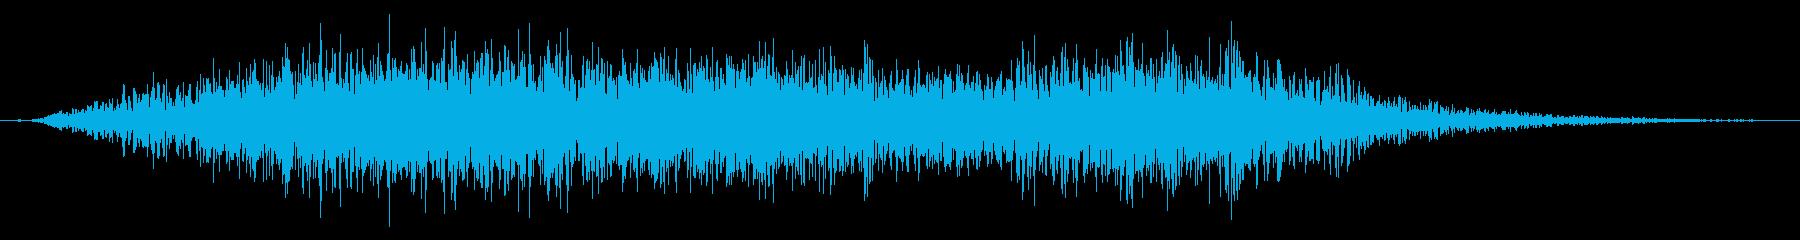 不気味なカットインや場面転換の効果音02の再生済みの波形